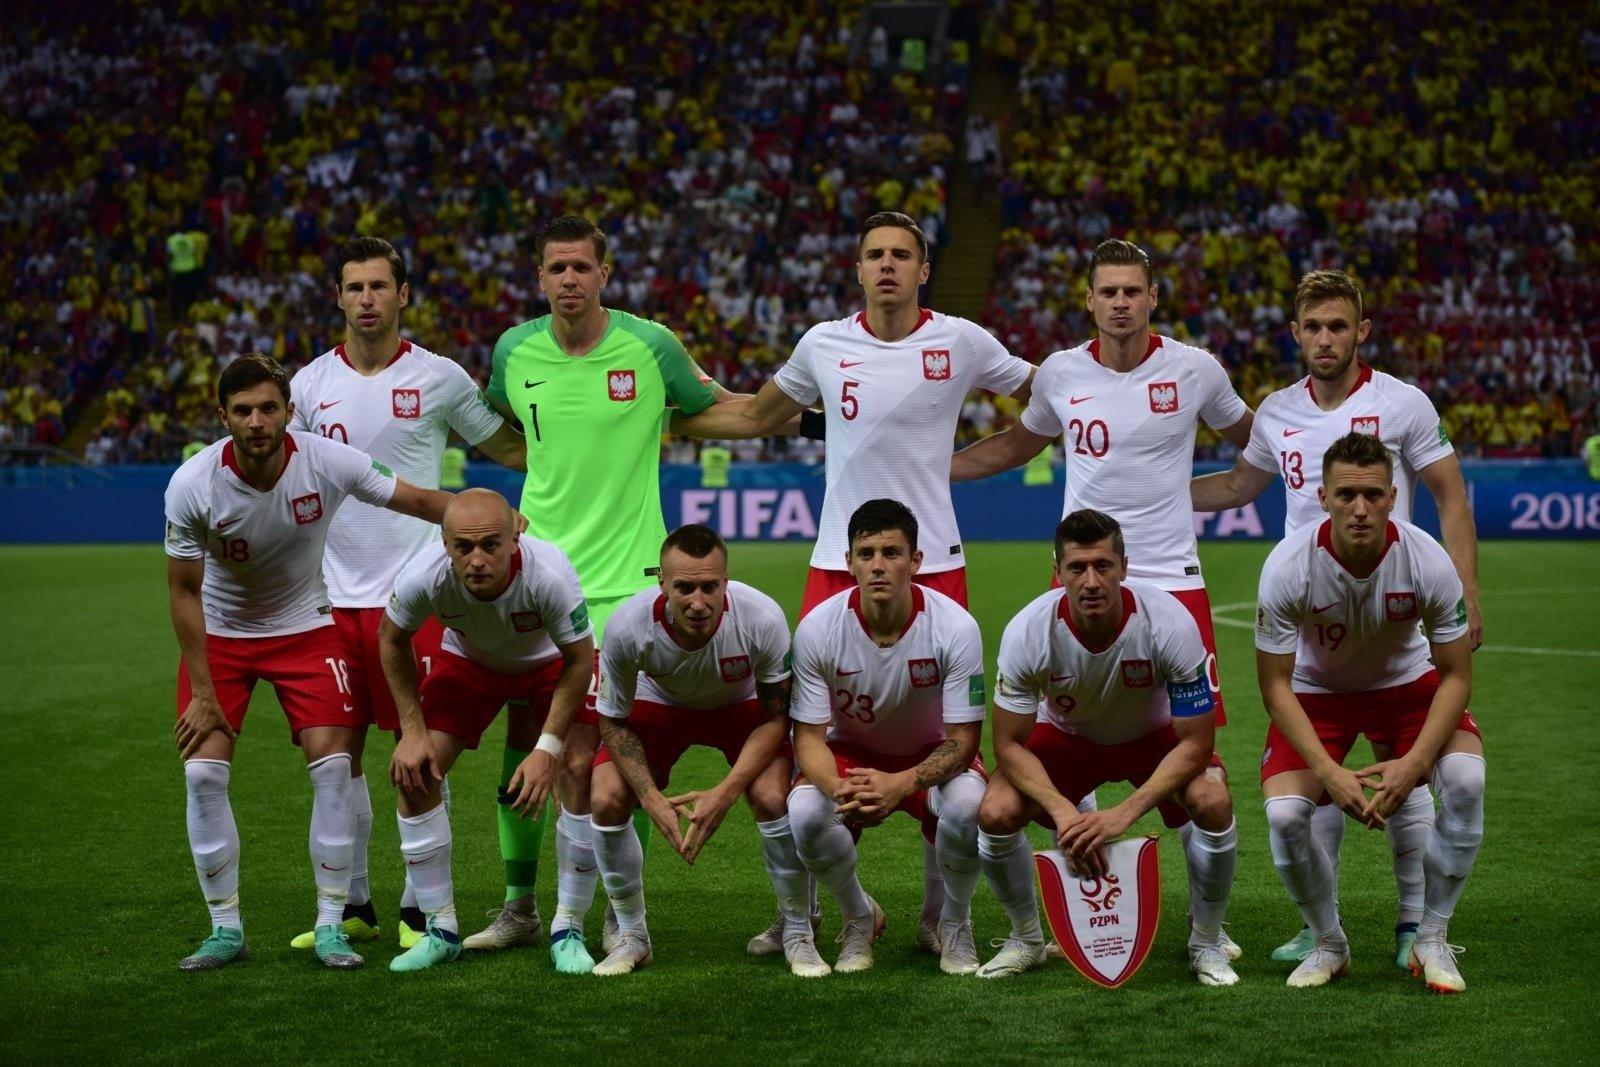 fb338efc9153 Reprezentacja Polski  Kto zakończy grę w kadrze Biało-Czerwonych po ...